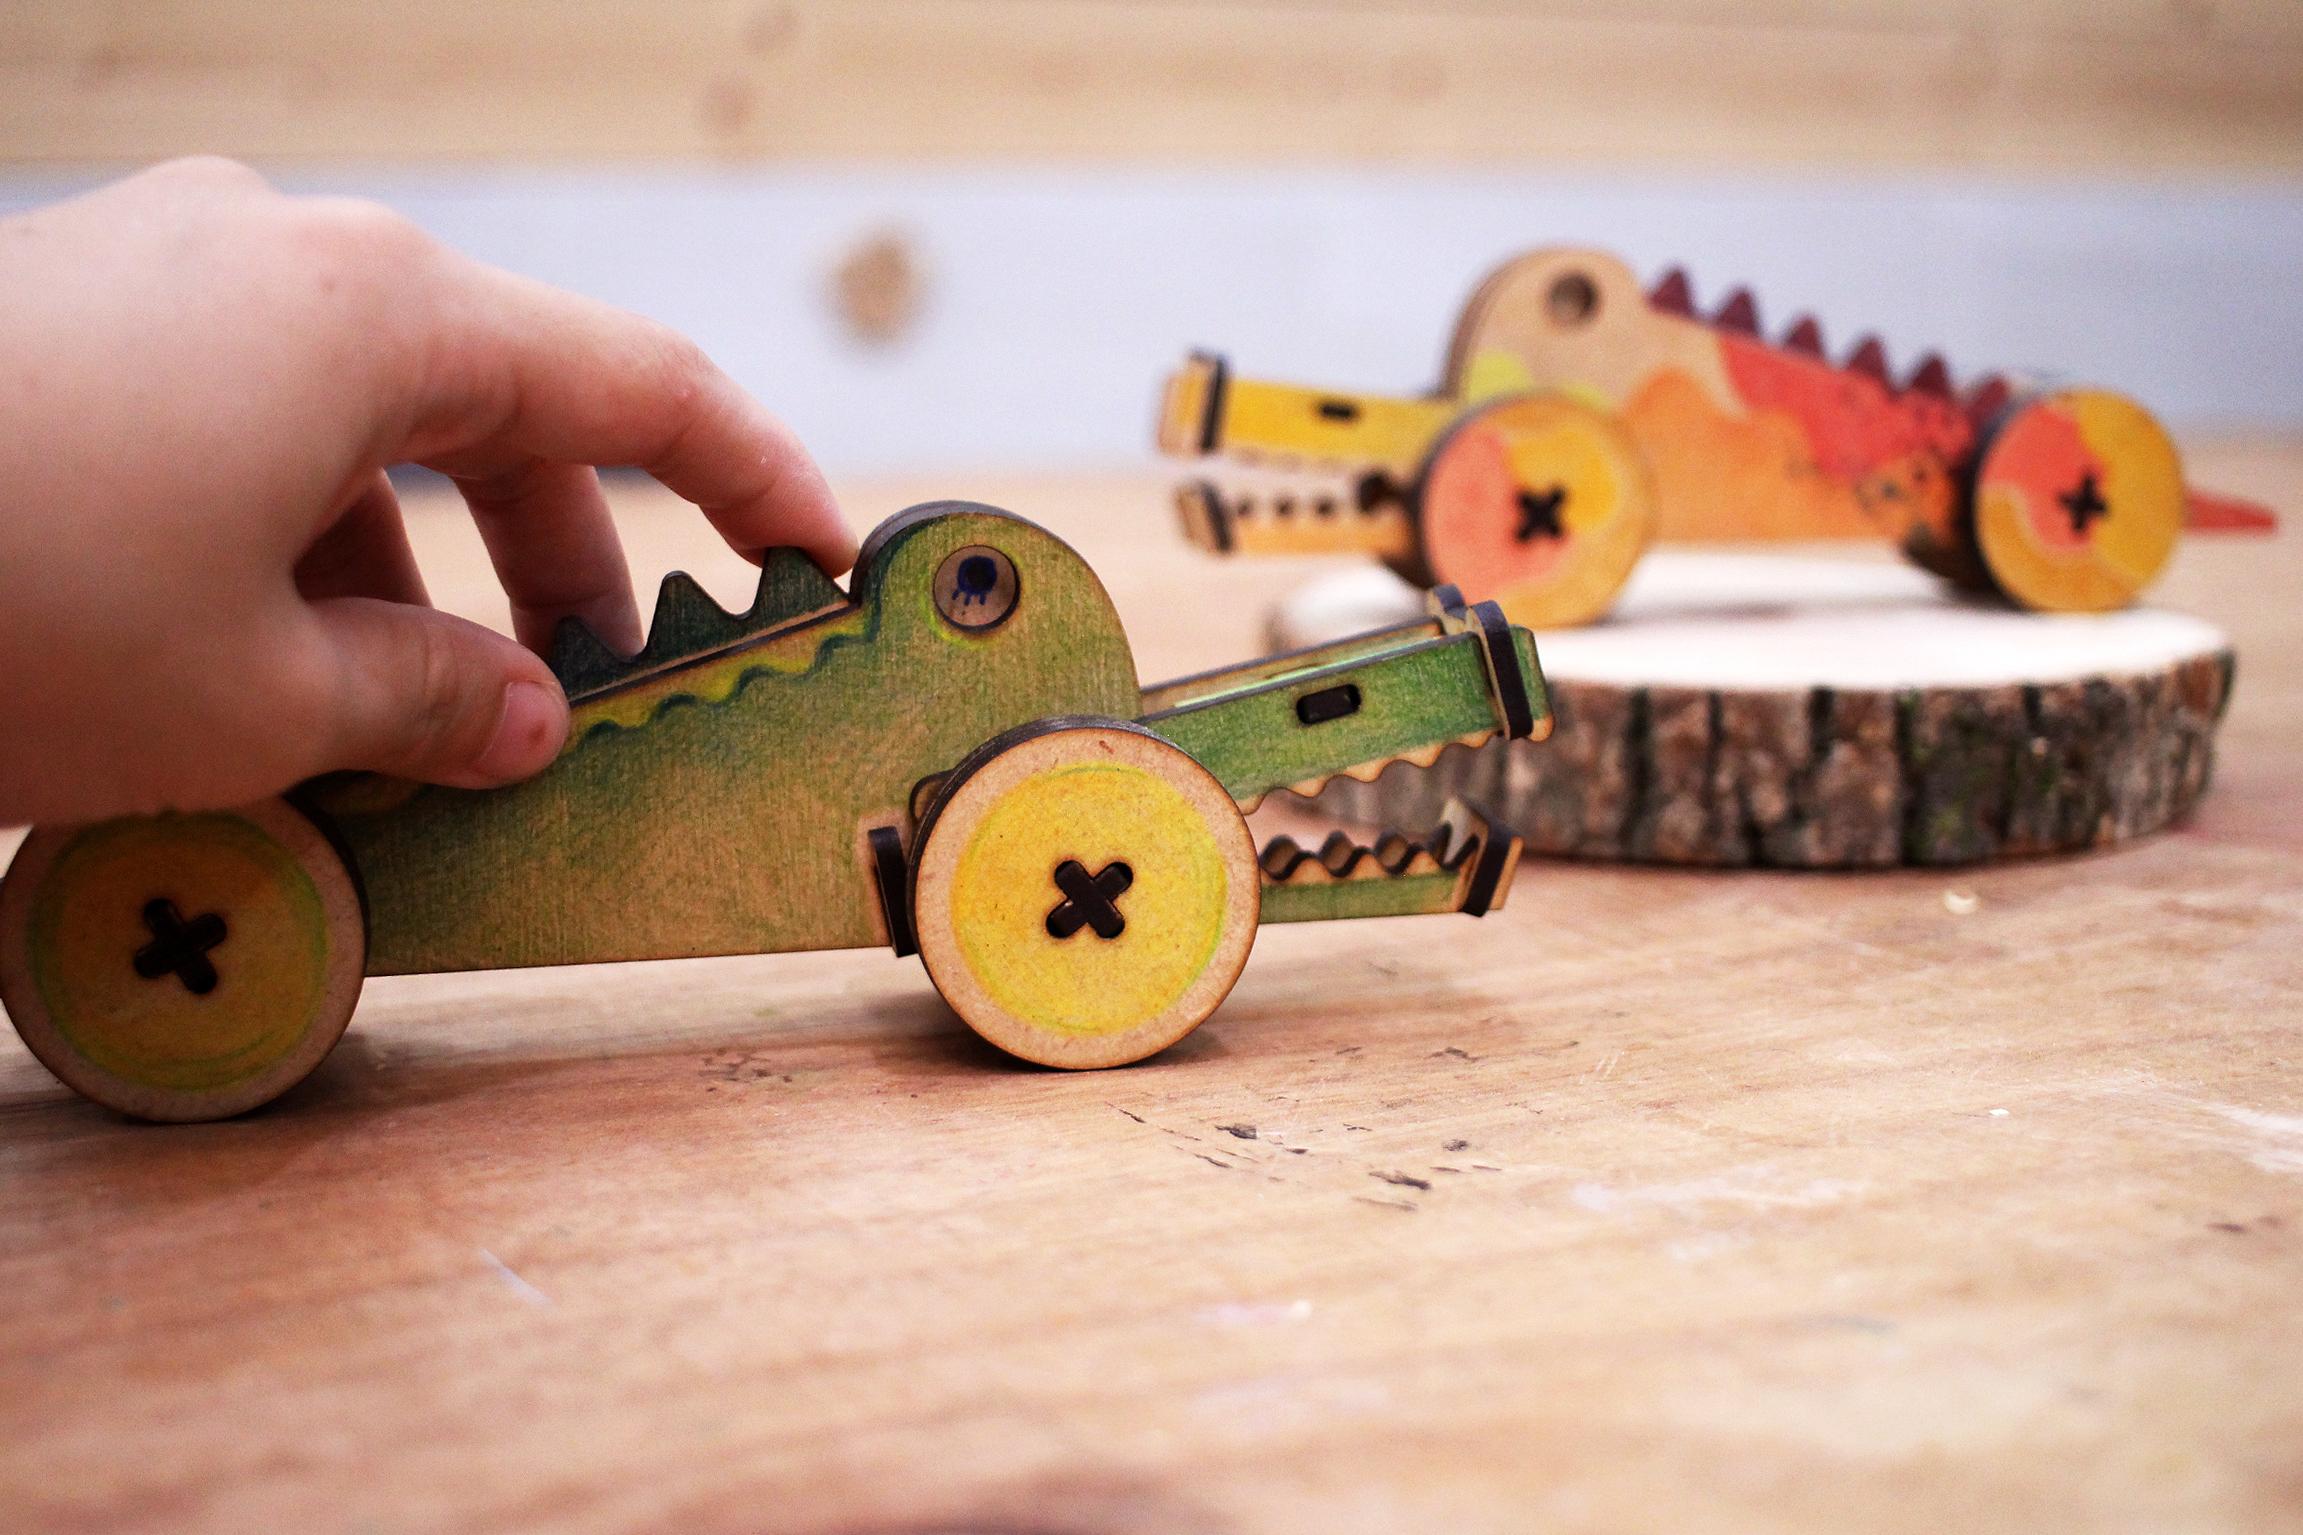 職人手作日誌|體驗木頭溫潤質感的手作樂趣